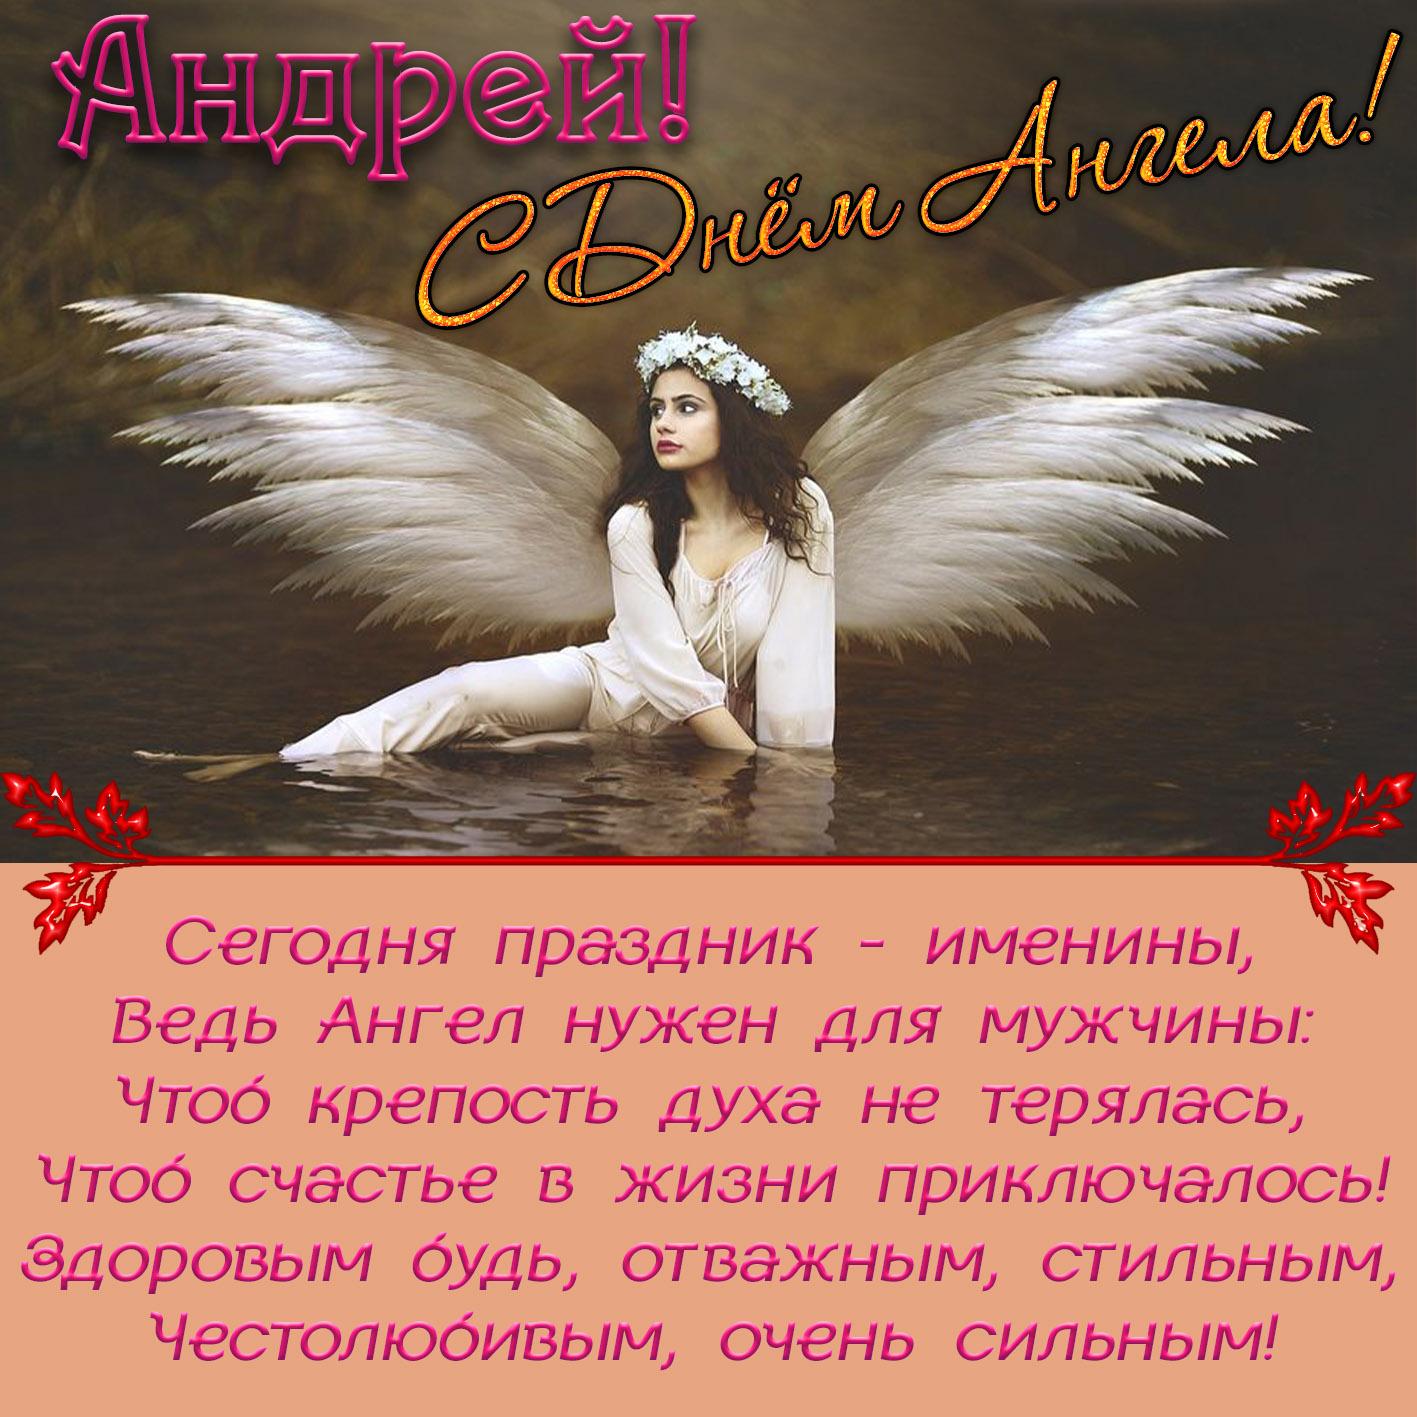 нам поздравления с днем рождения любимому ангел результате девушка получила